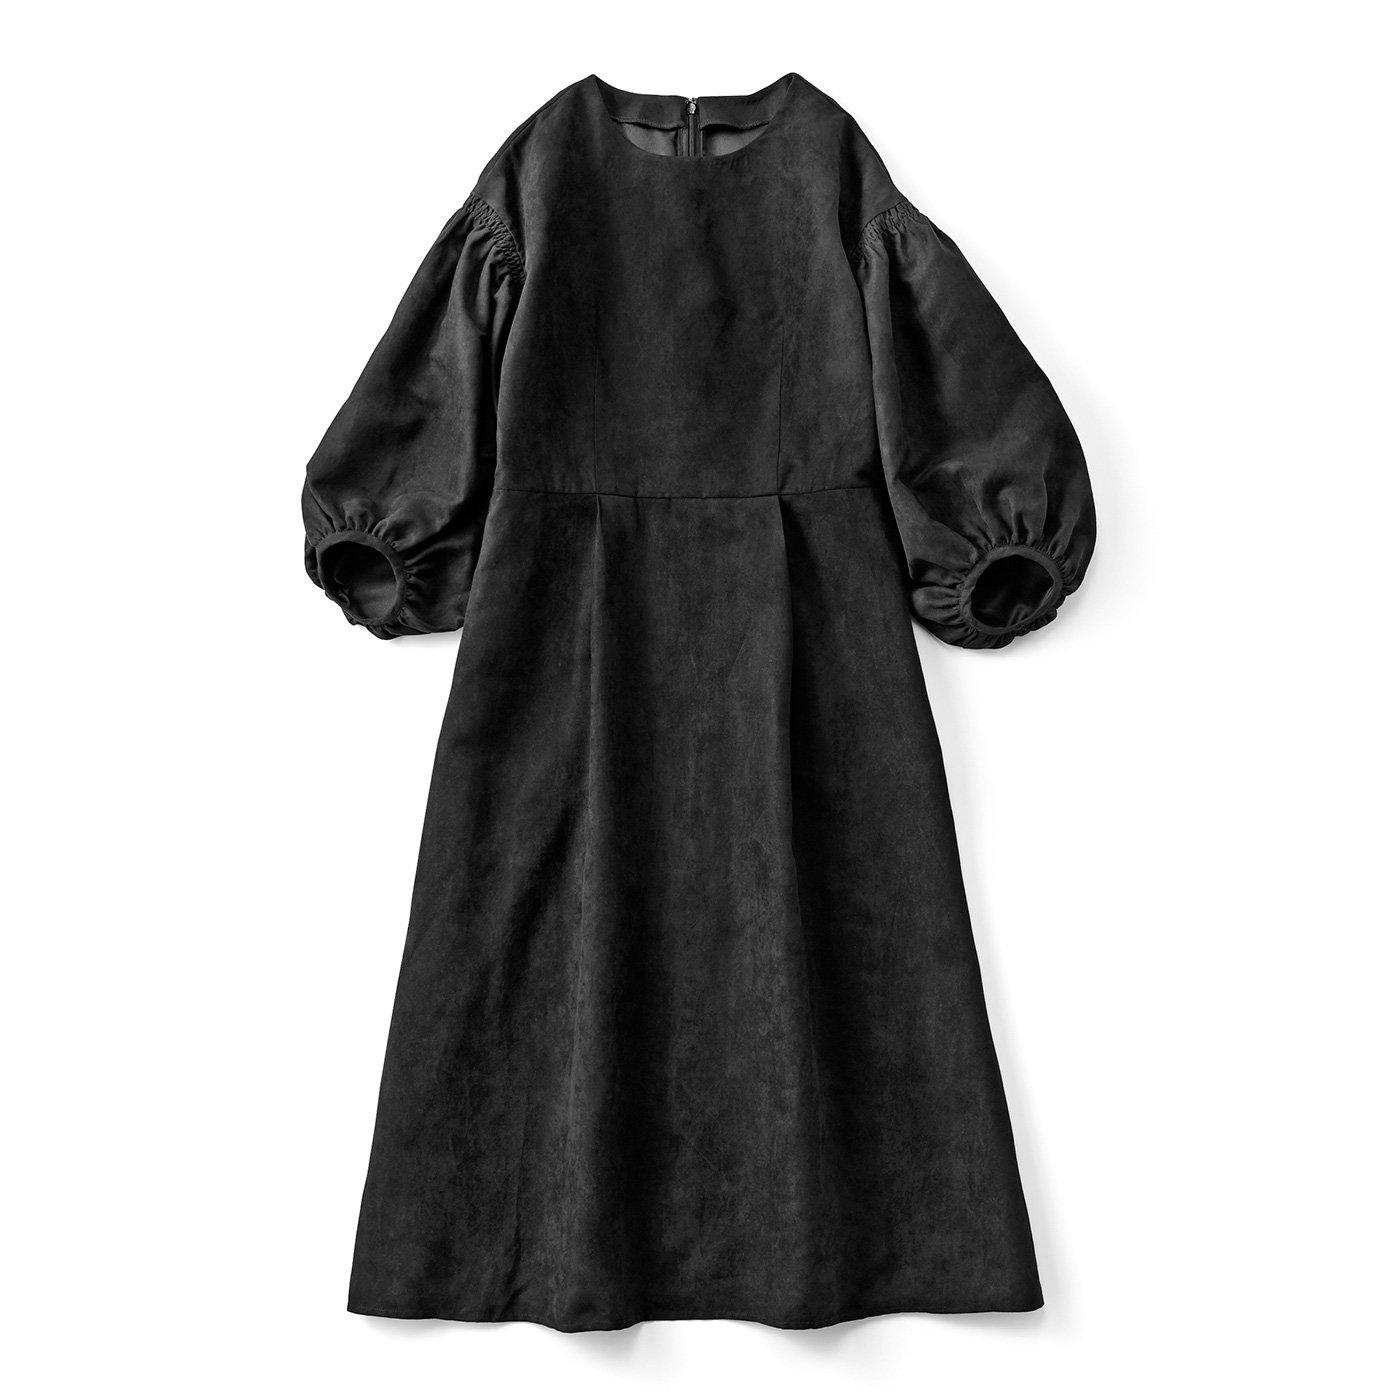 たーーっぷりボリューム袖のブラックドレス